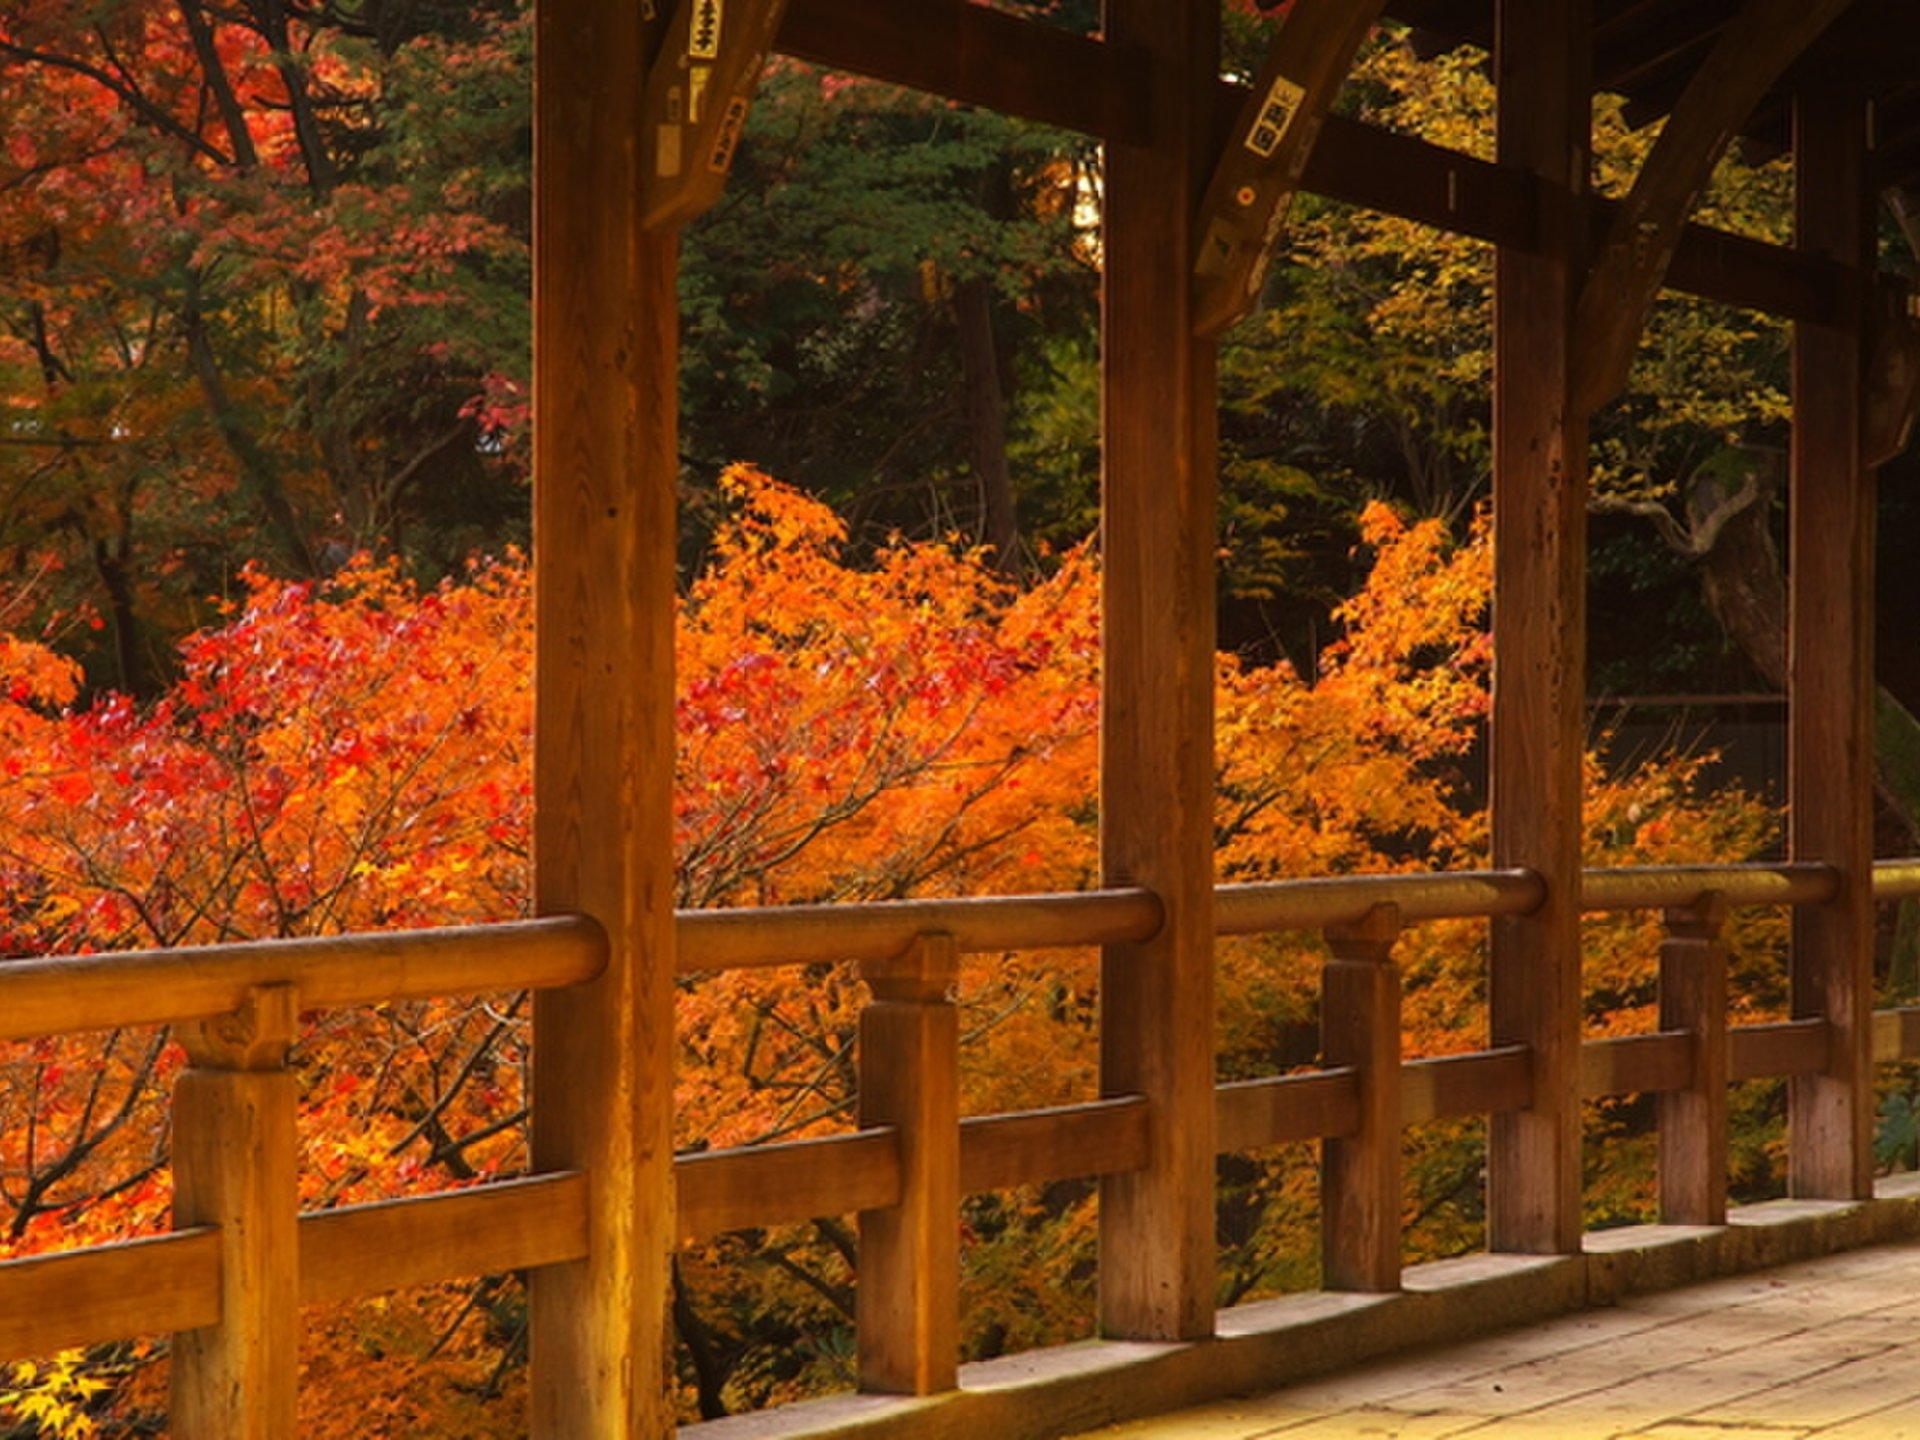 【京都・南エリアを自転車で観光】東寺、東福寺、伏見稲荷で庭園&紅葉を楽しんで、フレンチ懐石に舌鼓!